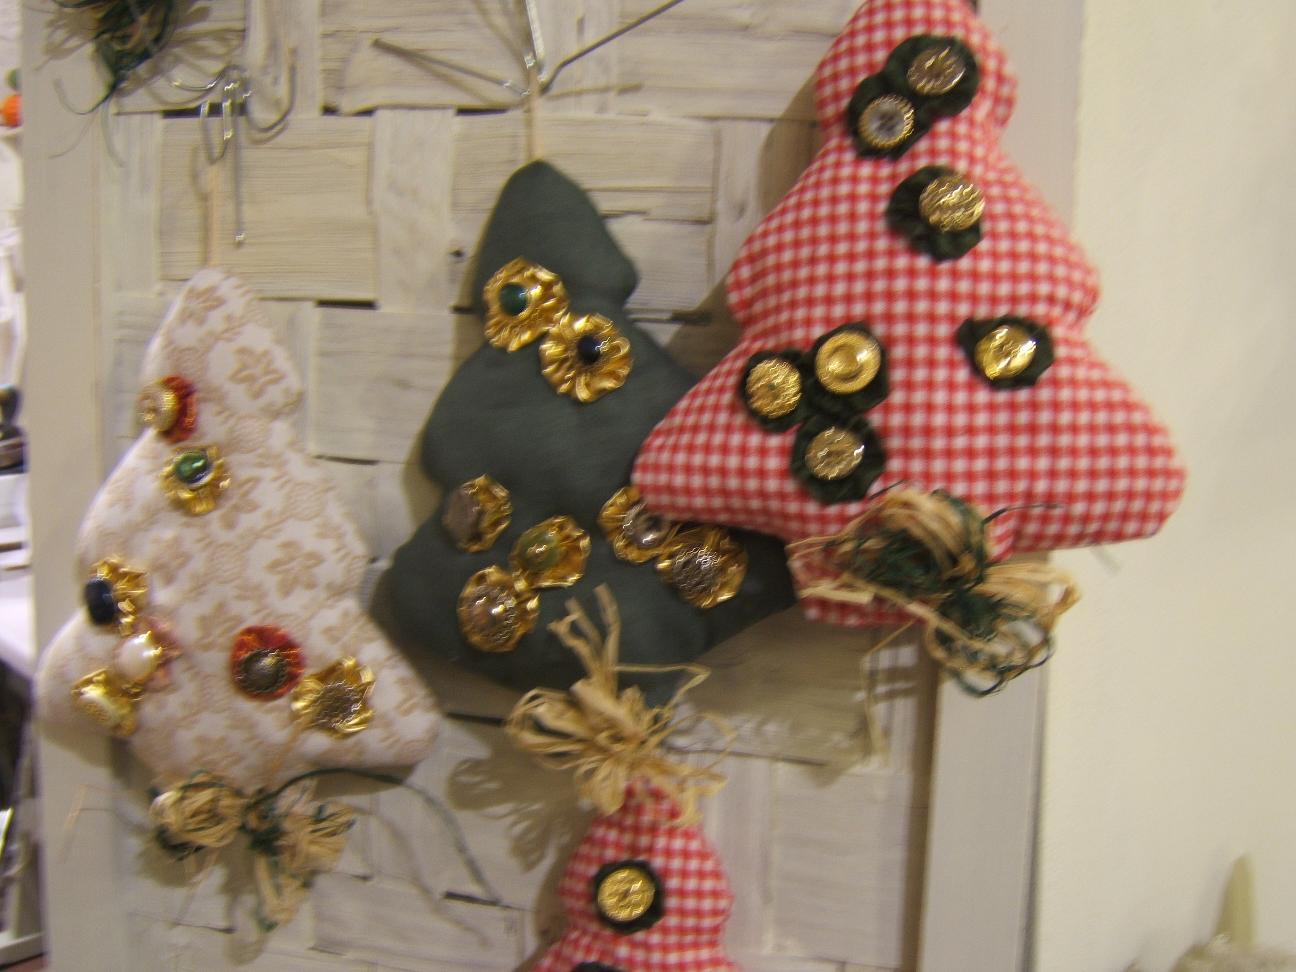 Natale alberelli di natale fatto e rifatto for Alberelli di natale